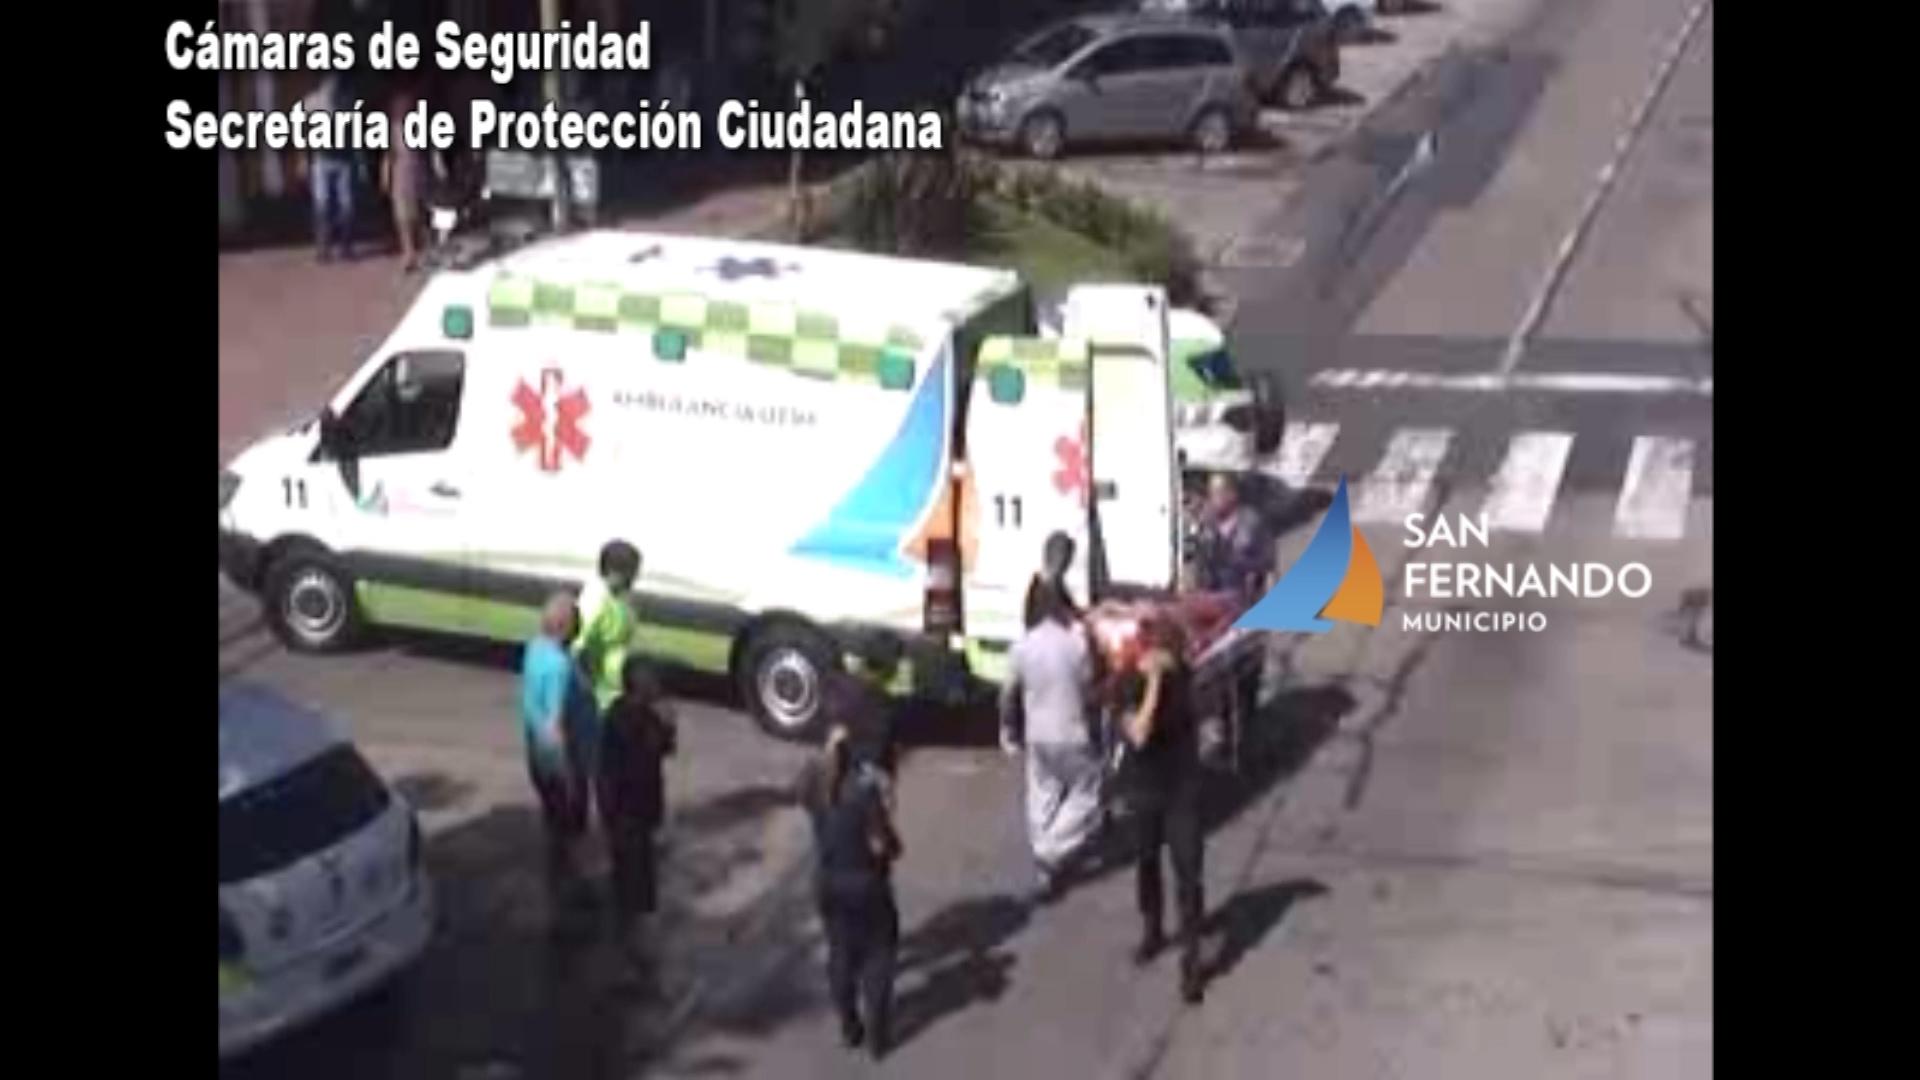 San Fernando: Cámaras de Seguridad permiten brindar asistencia a motociclista que chocó contra un auto.